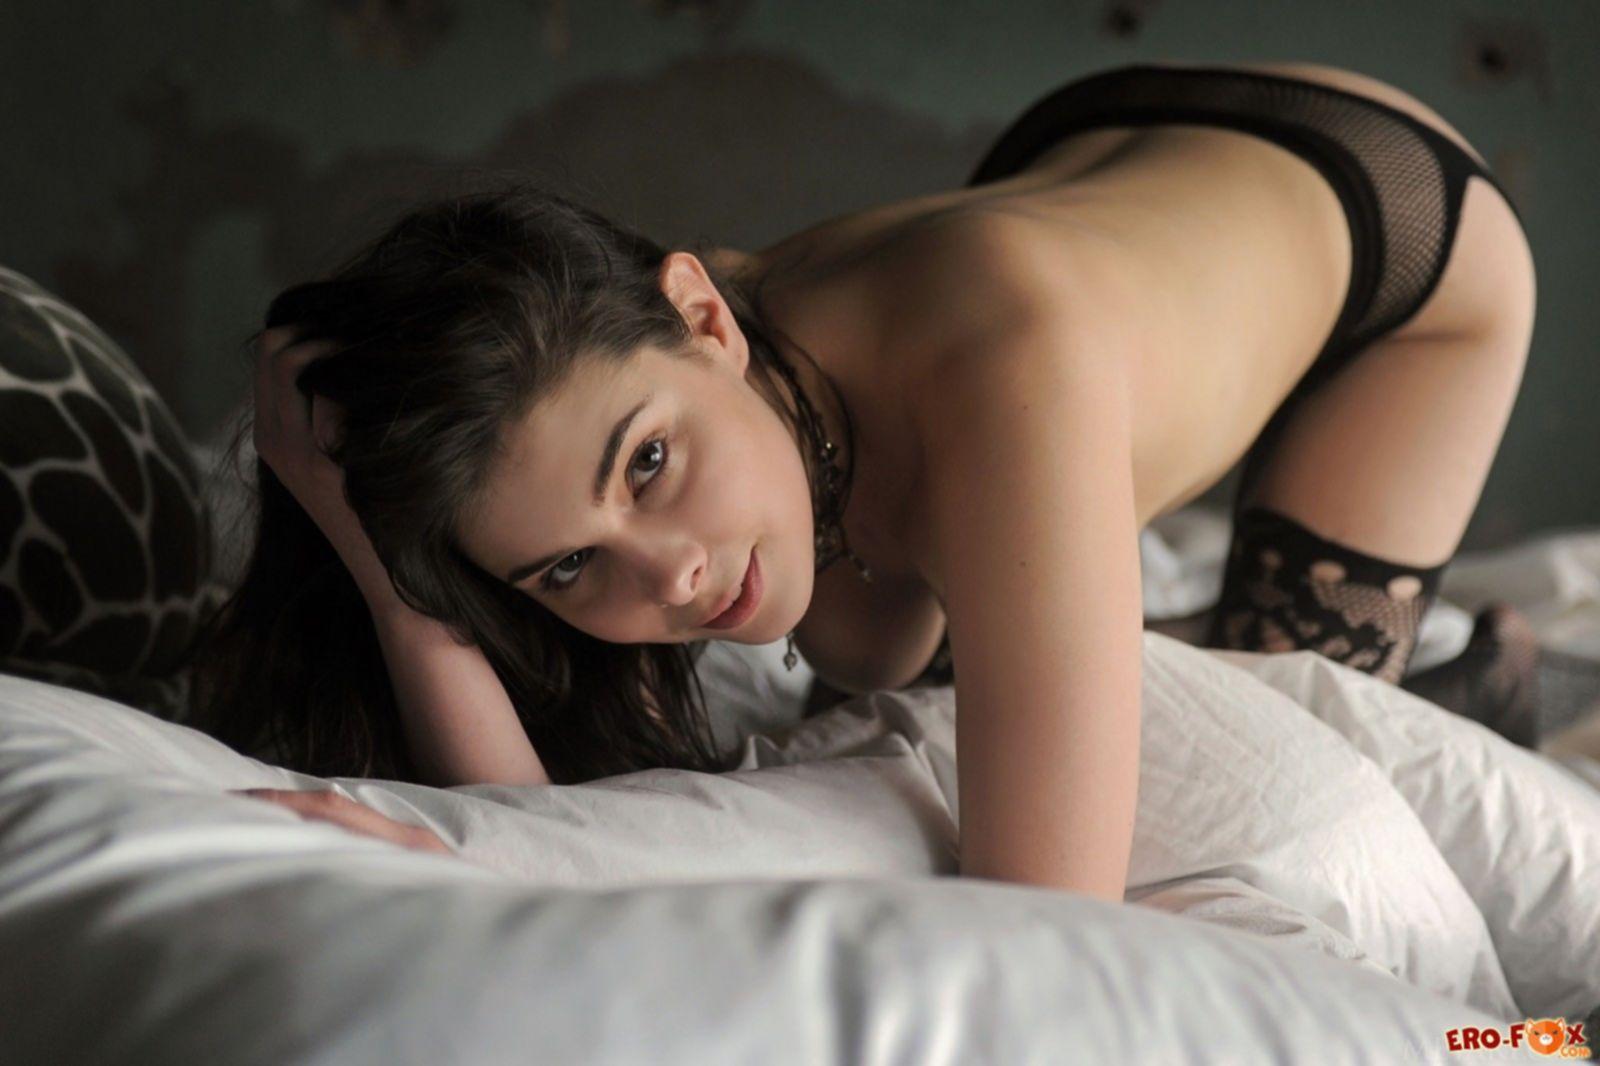 Грудастая девушка в чулках без трусов в постели - фото